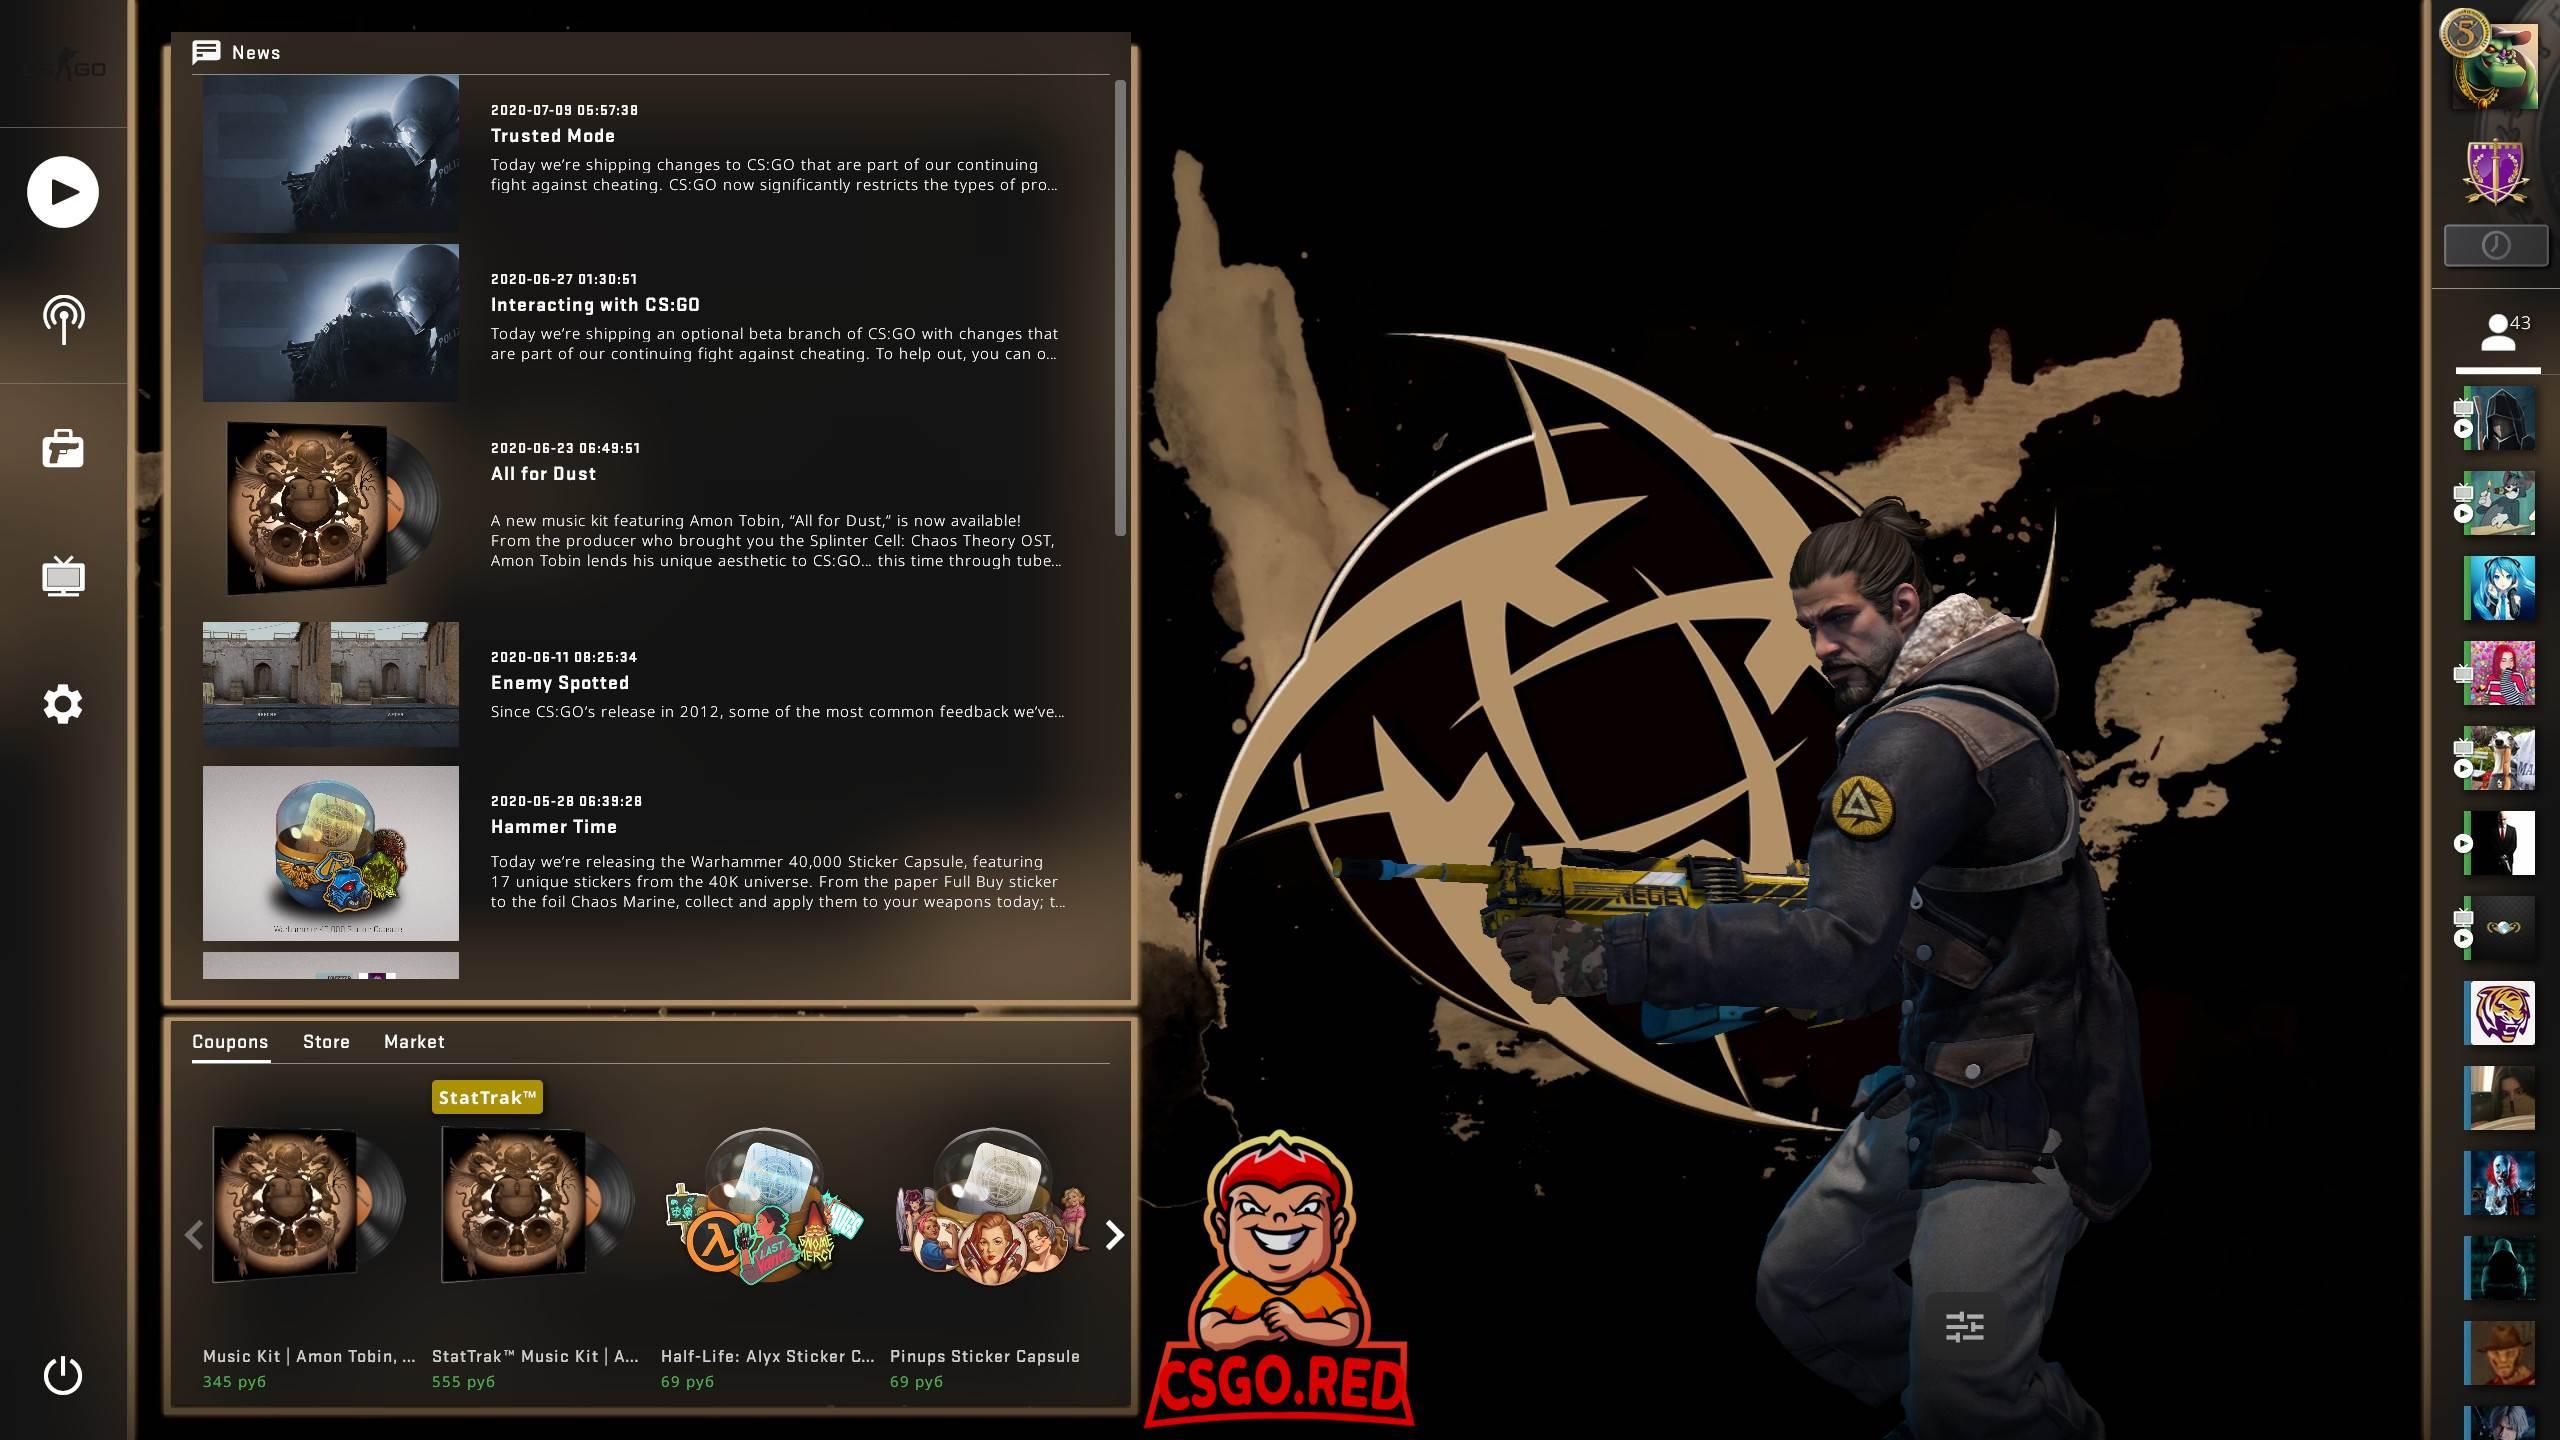 Ninjas in Pyjamas Panorama UI Background